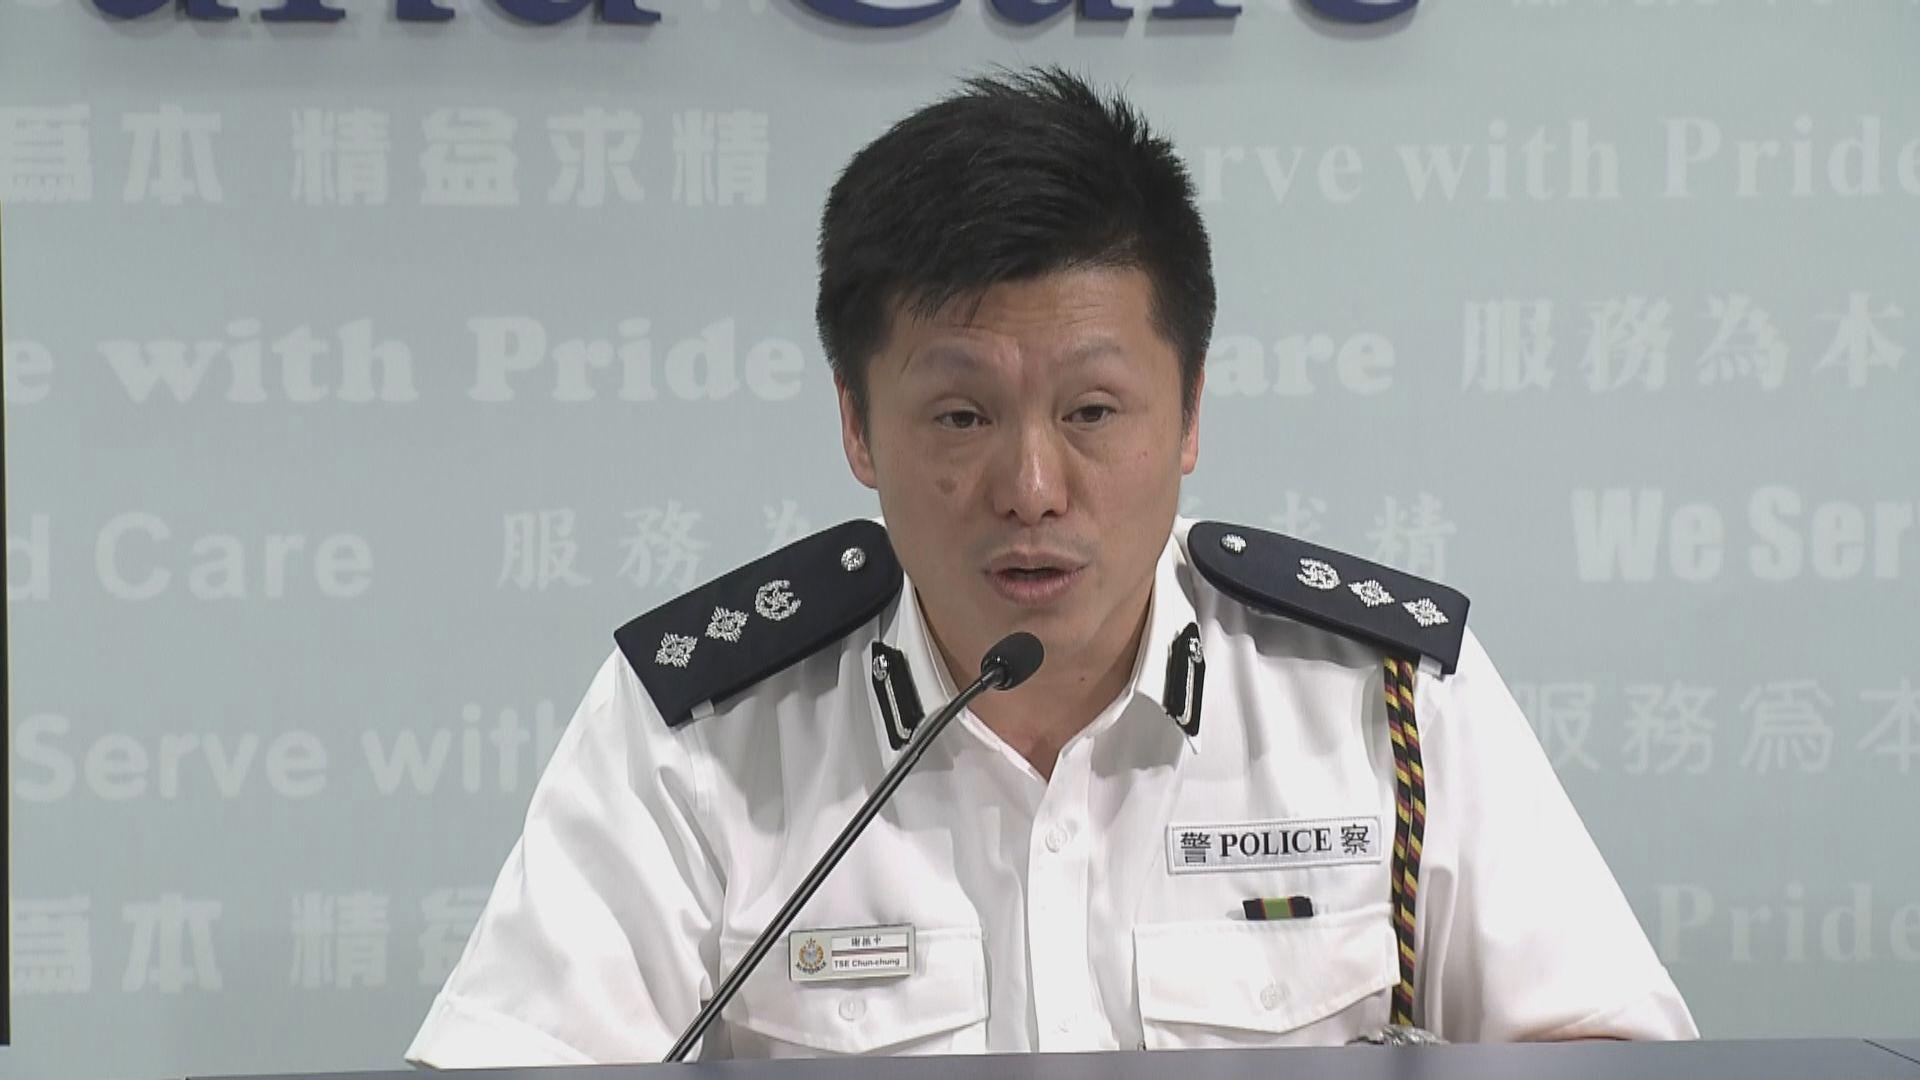 警方承認速龍遮蓋頭盔編號並不理想